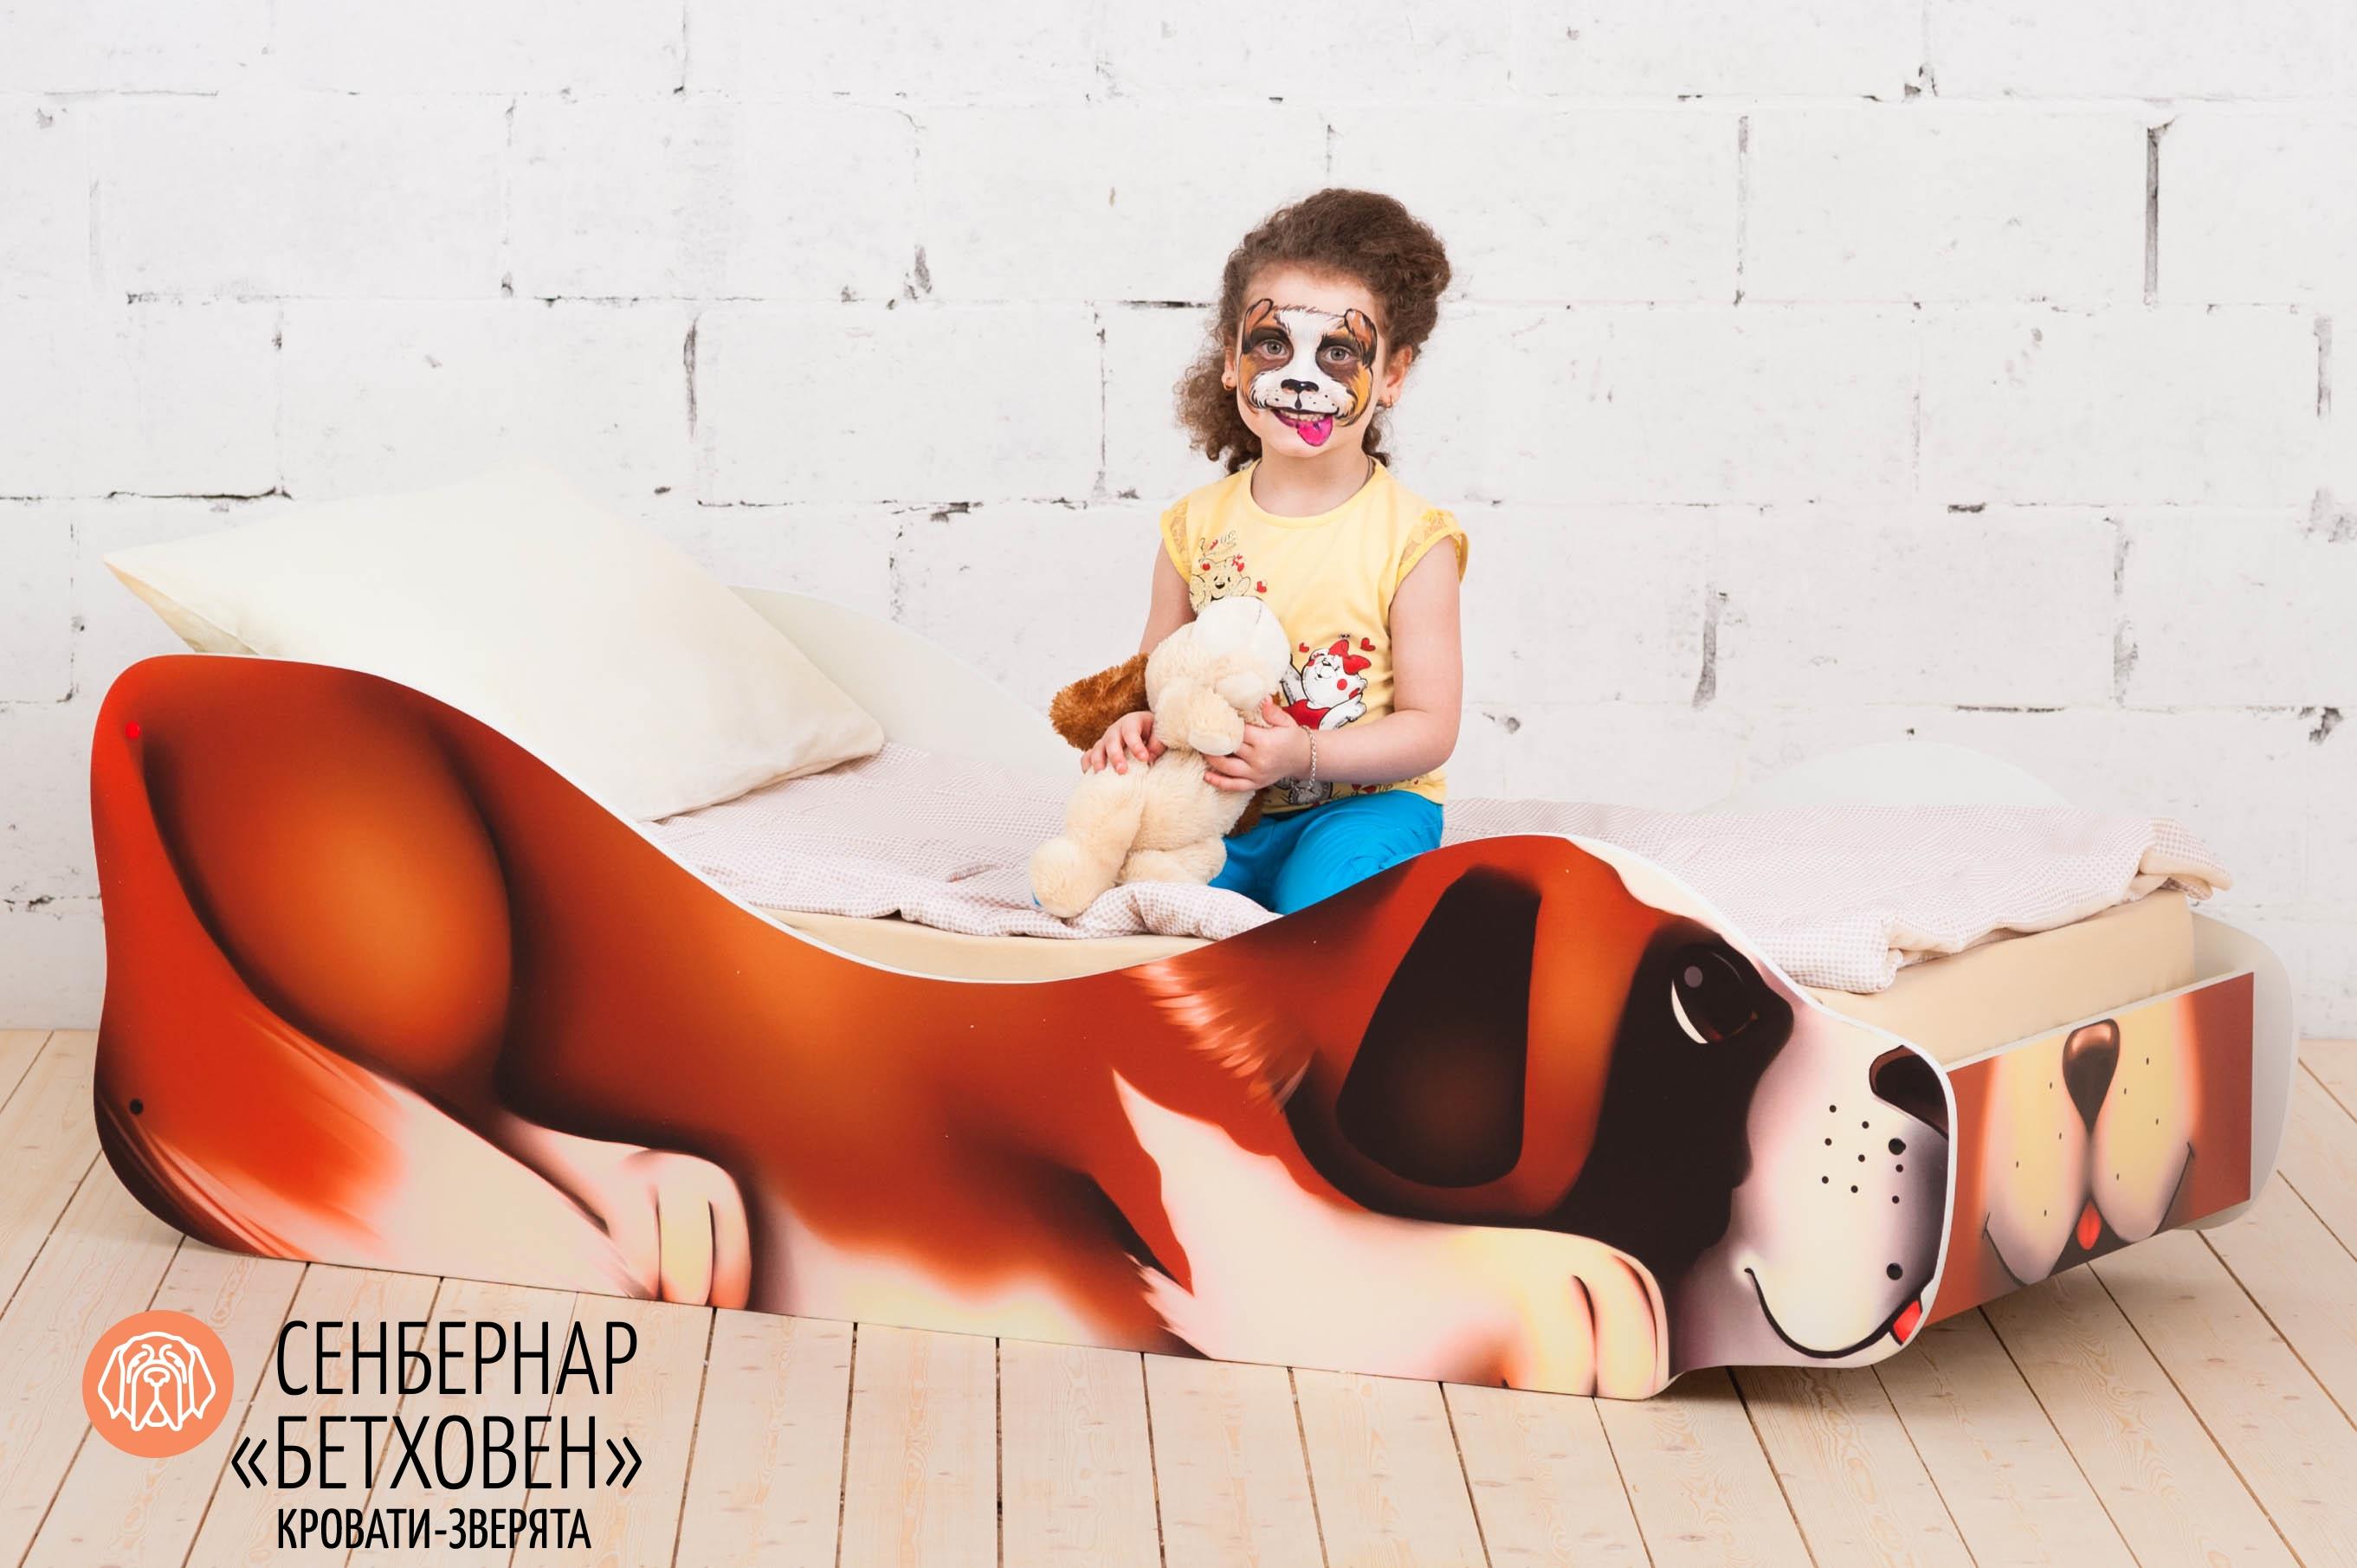 Детская кровать-зверенок -Сенбернар- Бетховен-1